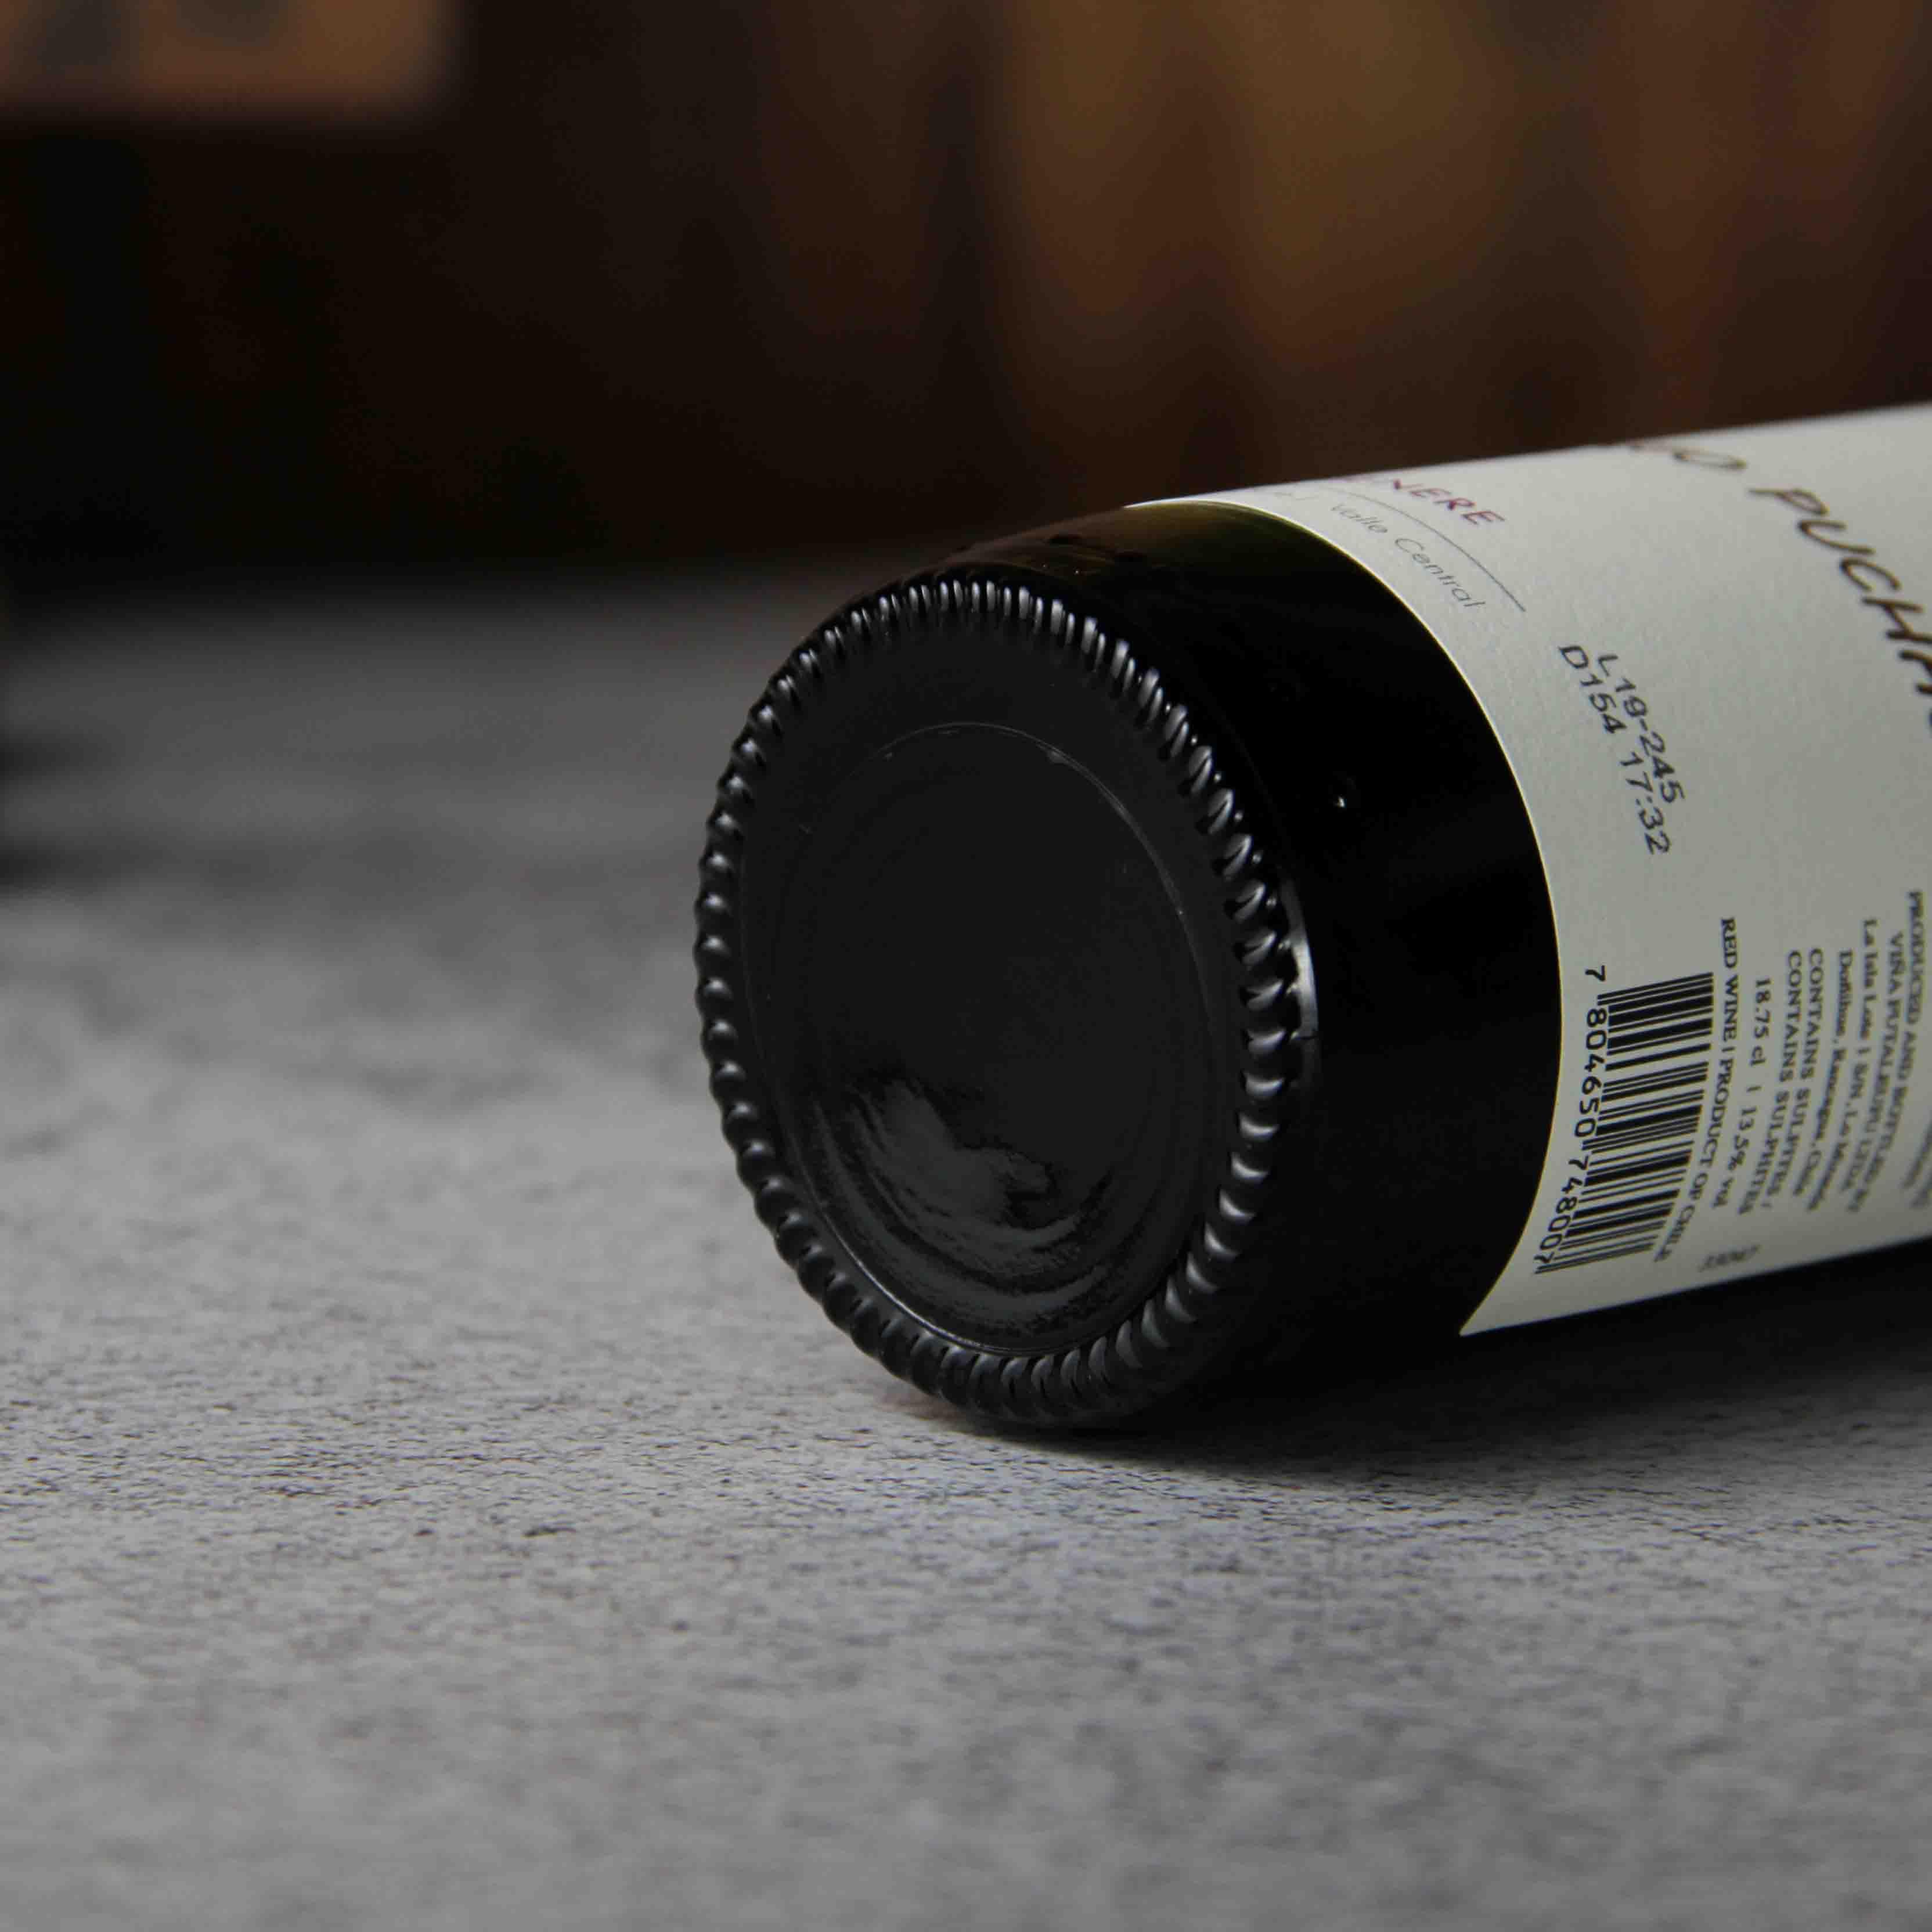 天涯9号佳美娜干红葡萄酒